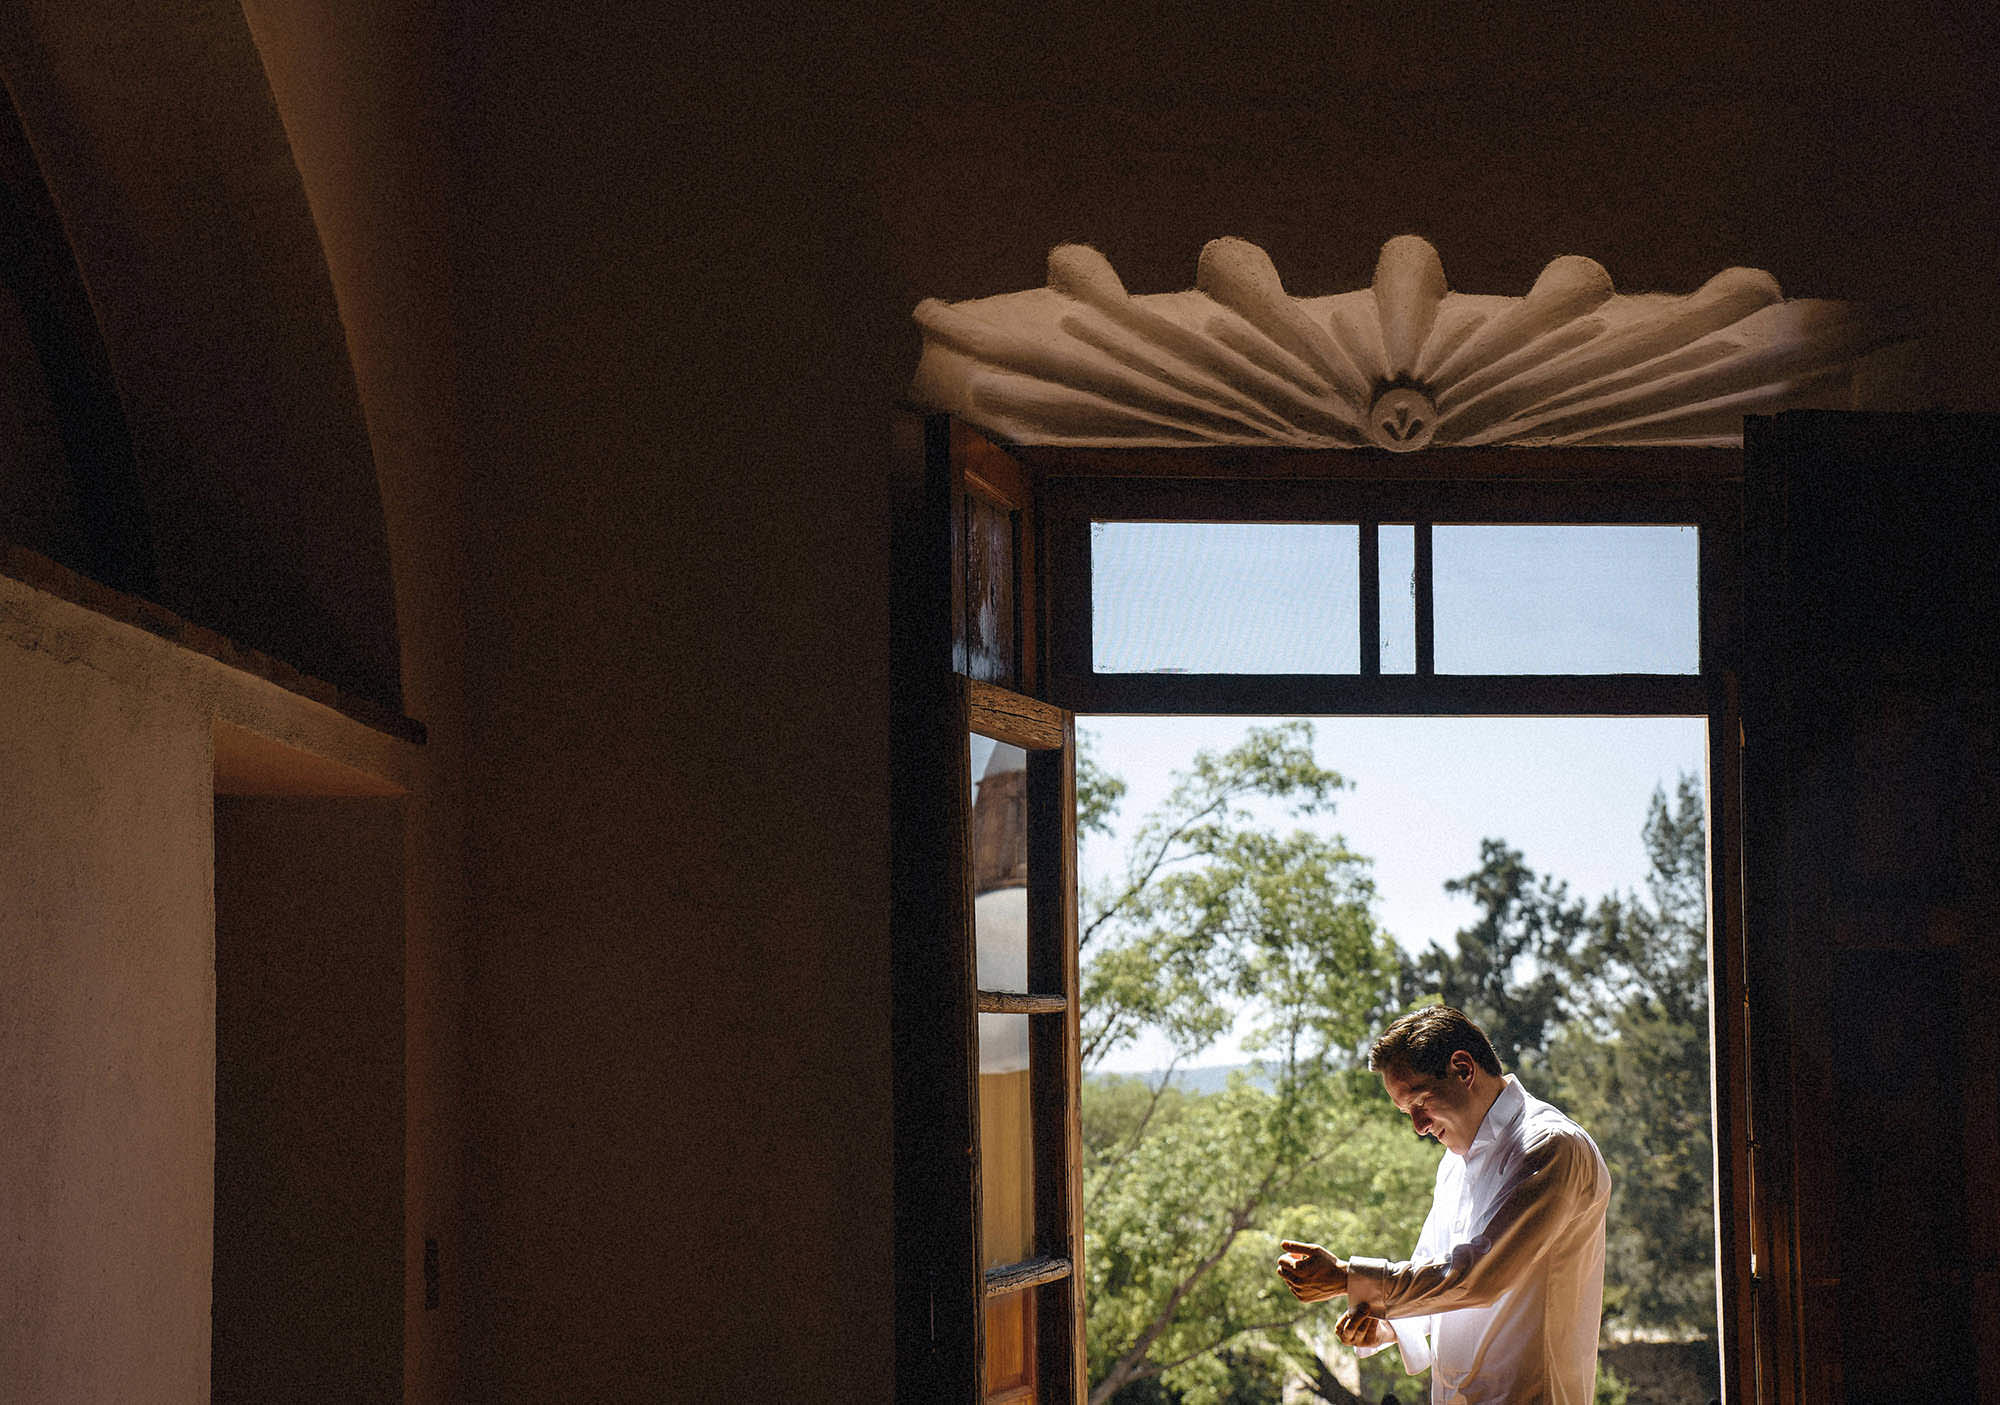 06 arreglo del novio hacienda castillo queretaro fotografo de bodas 06-WEB.jpg